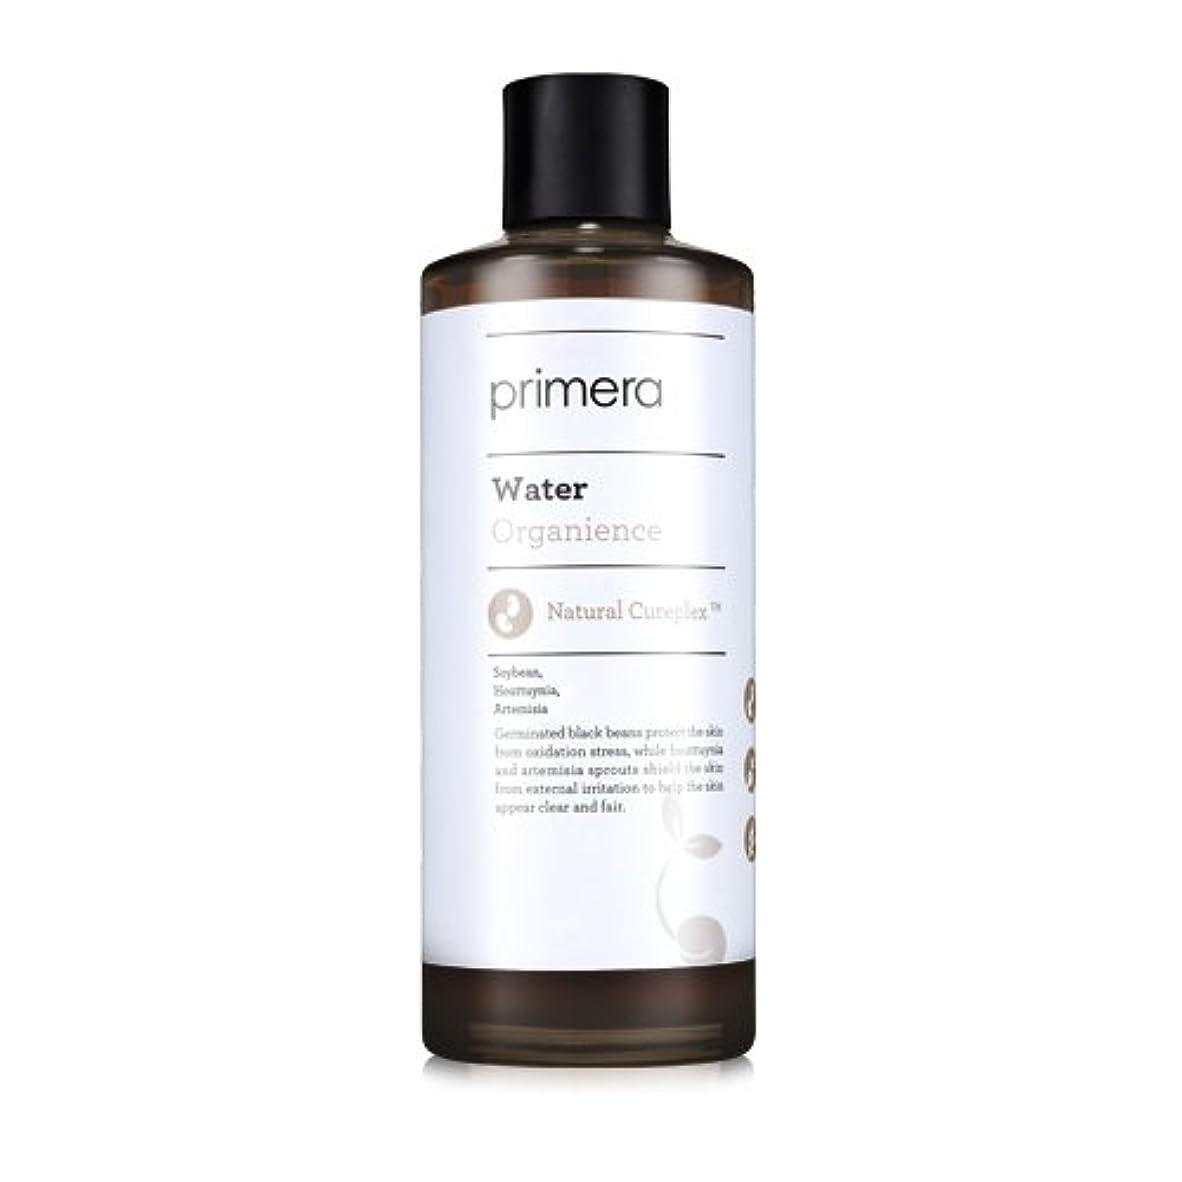 憤る落胆した蜂PRIMERA プリメラ オーガニエンス エマルジョン(Organience Emulsion)乳液 150ml